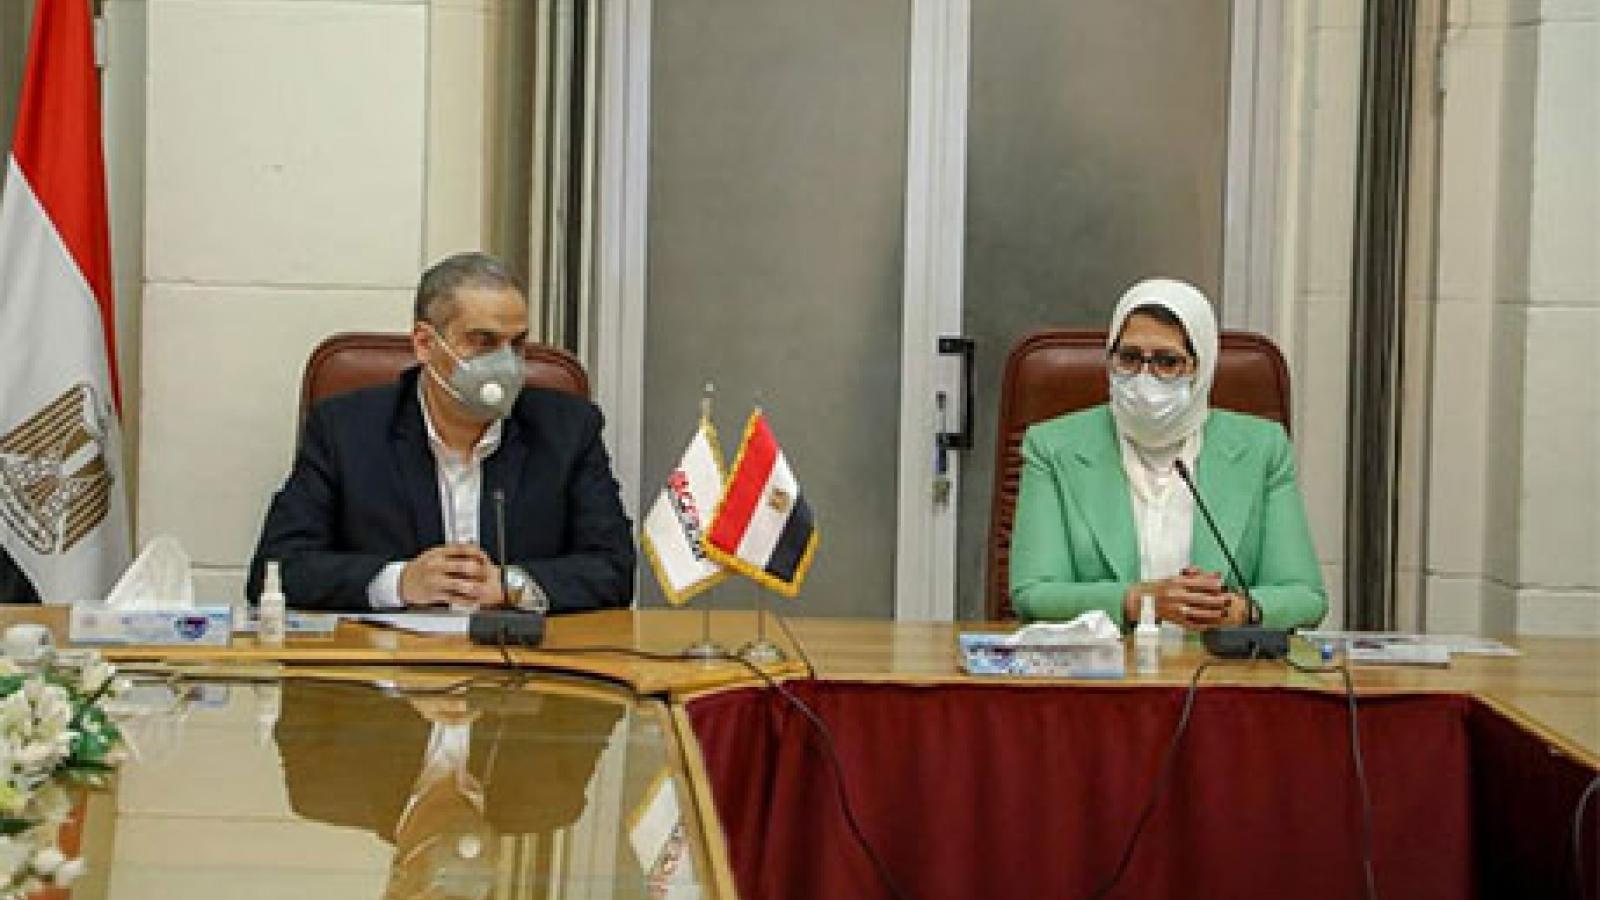 Ai Cập sẽ sản xuất 2 triệu liều vaccine ngừa Covid-19 vào tháng 6 tới